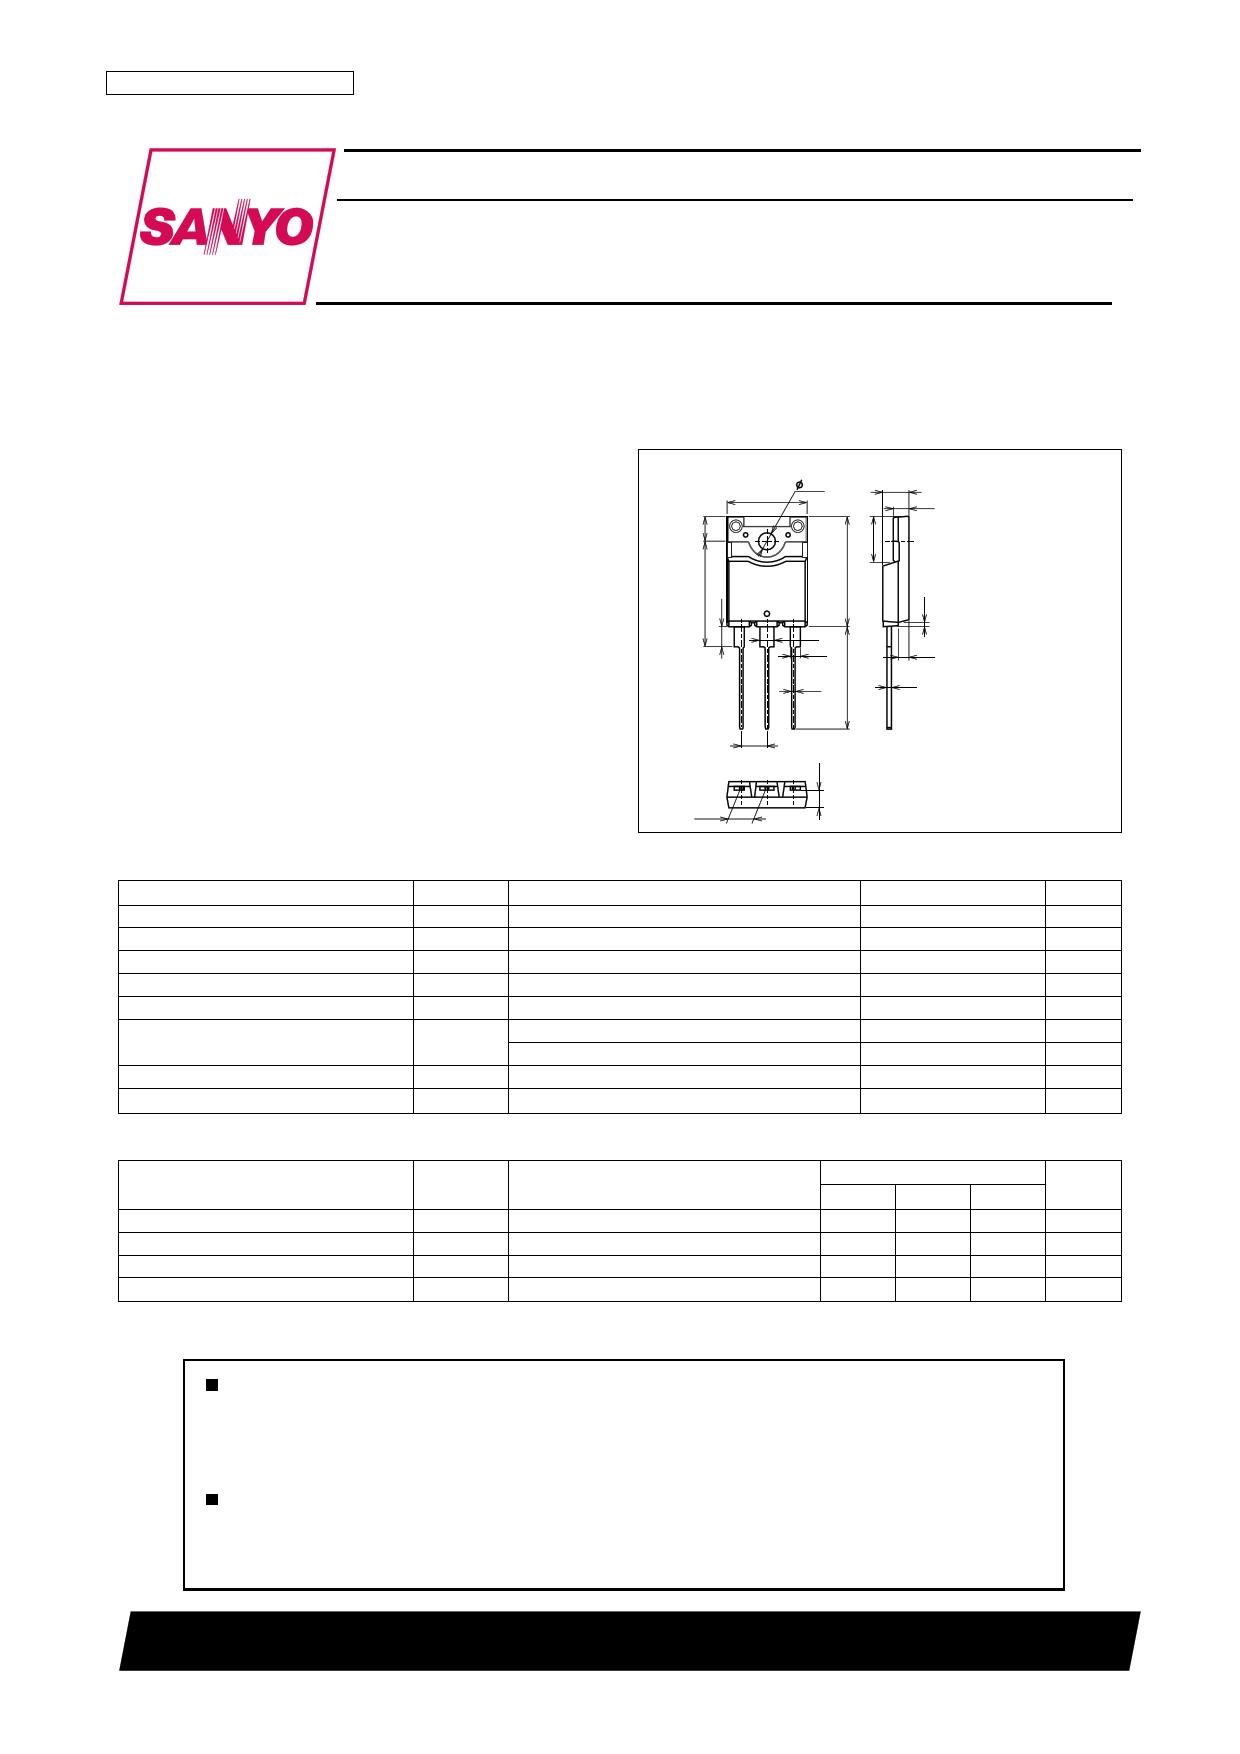 2SD2649 datasheet, circuit